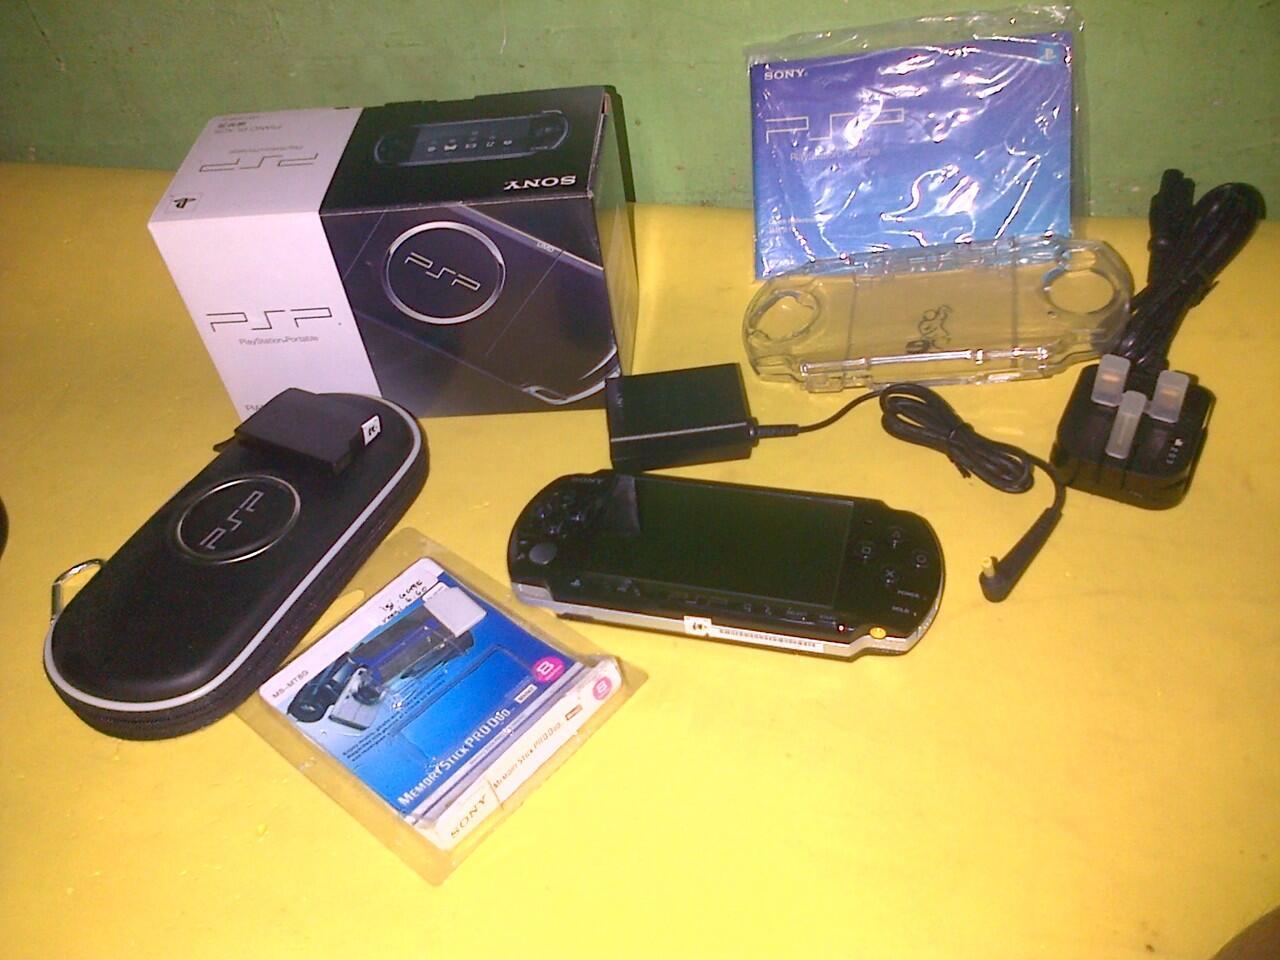 SONY PSP PIANO 3006